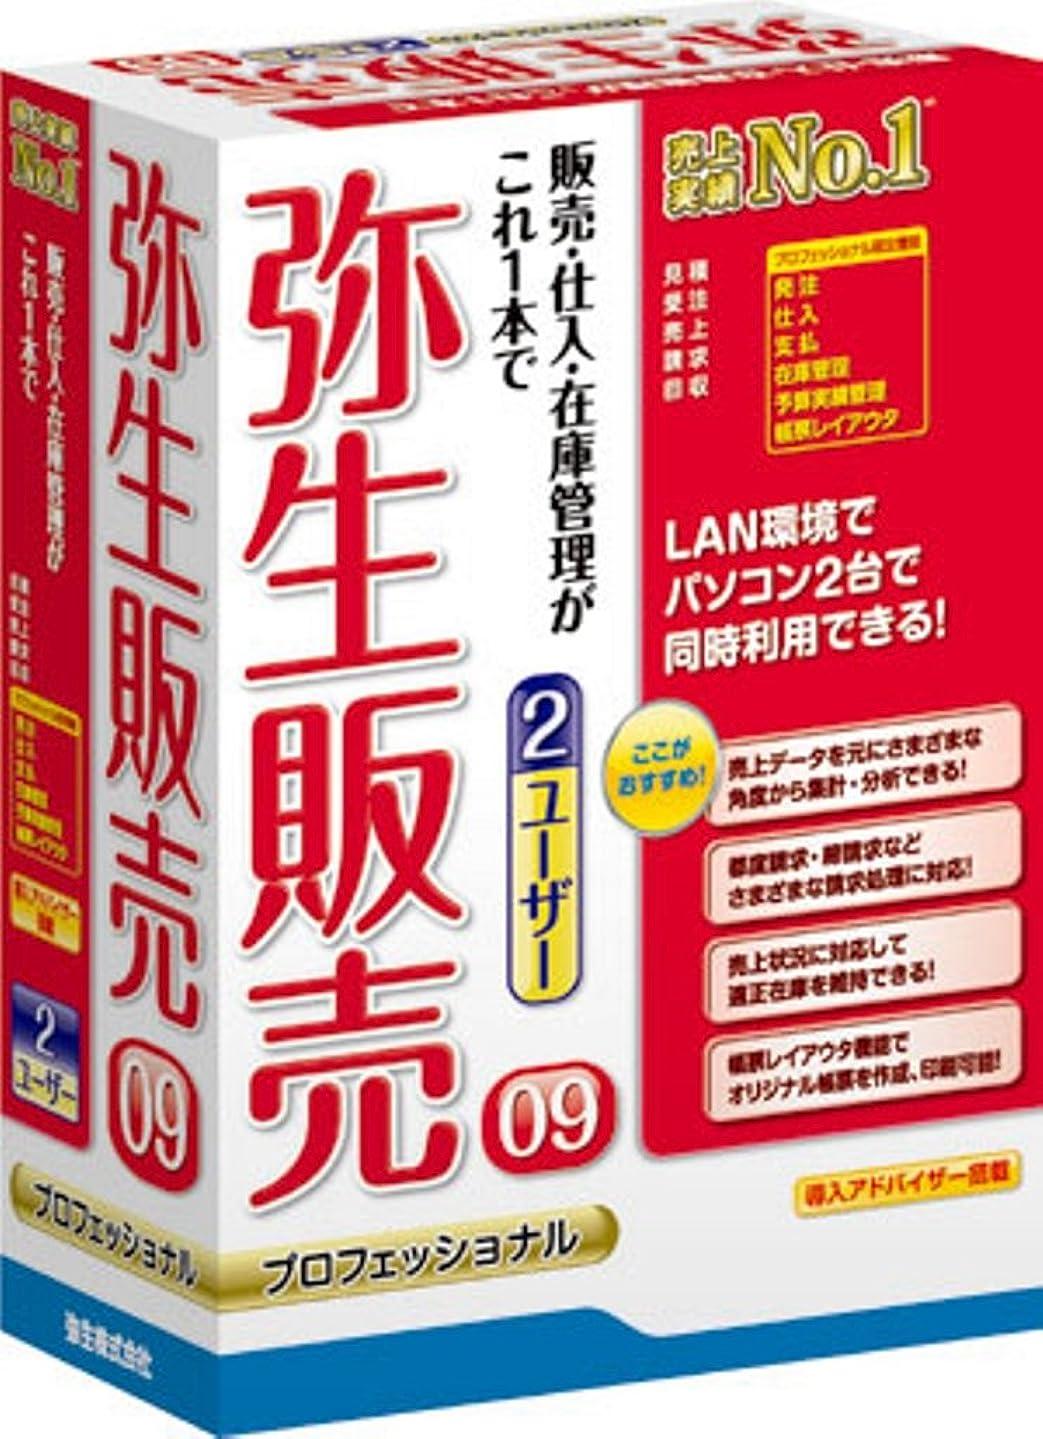 祝福確認タイピスト【旧商品】弥生販売 09 プロフェッショナル 2ユーザー